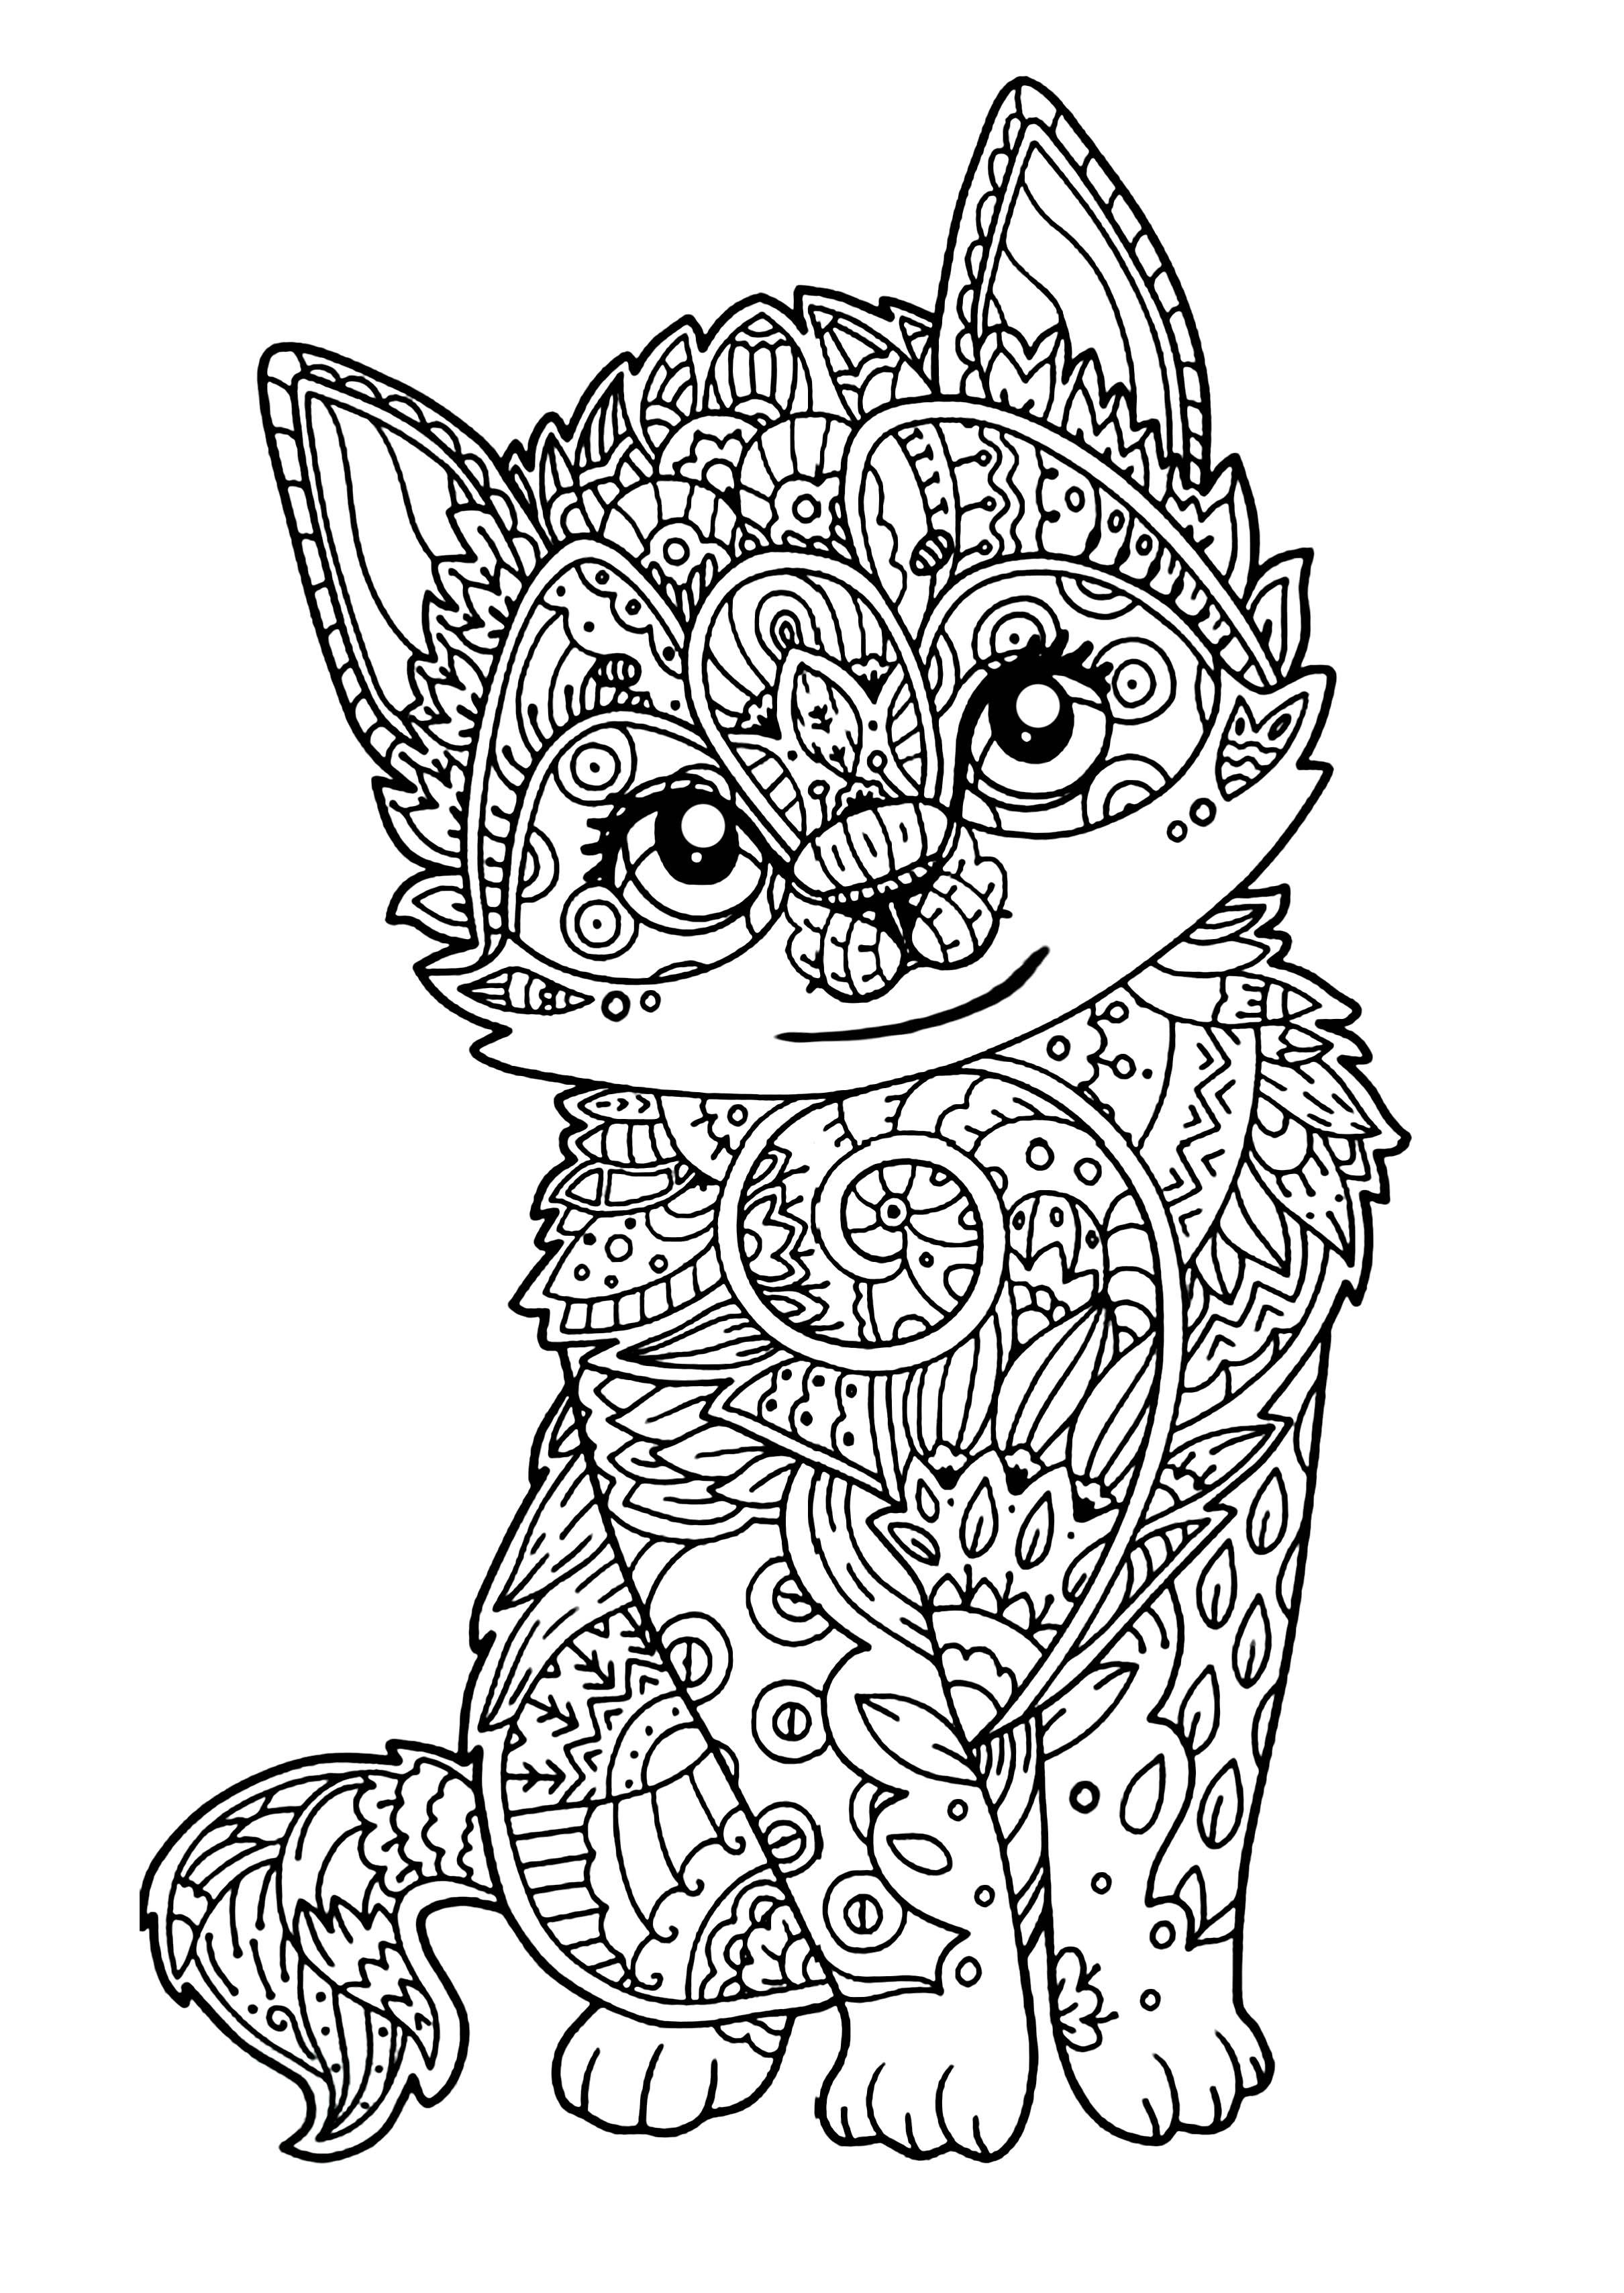 Animali disegni da colorare per adulti for Disegni da colorare per adulti paesaggi